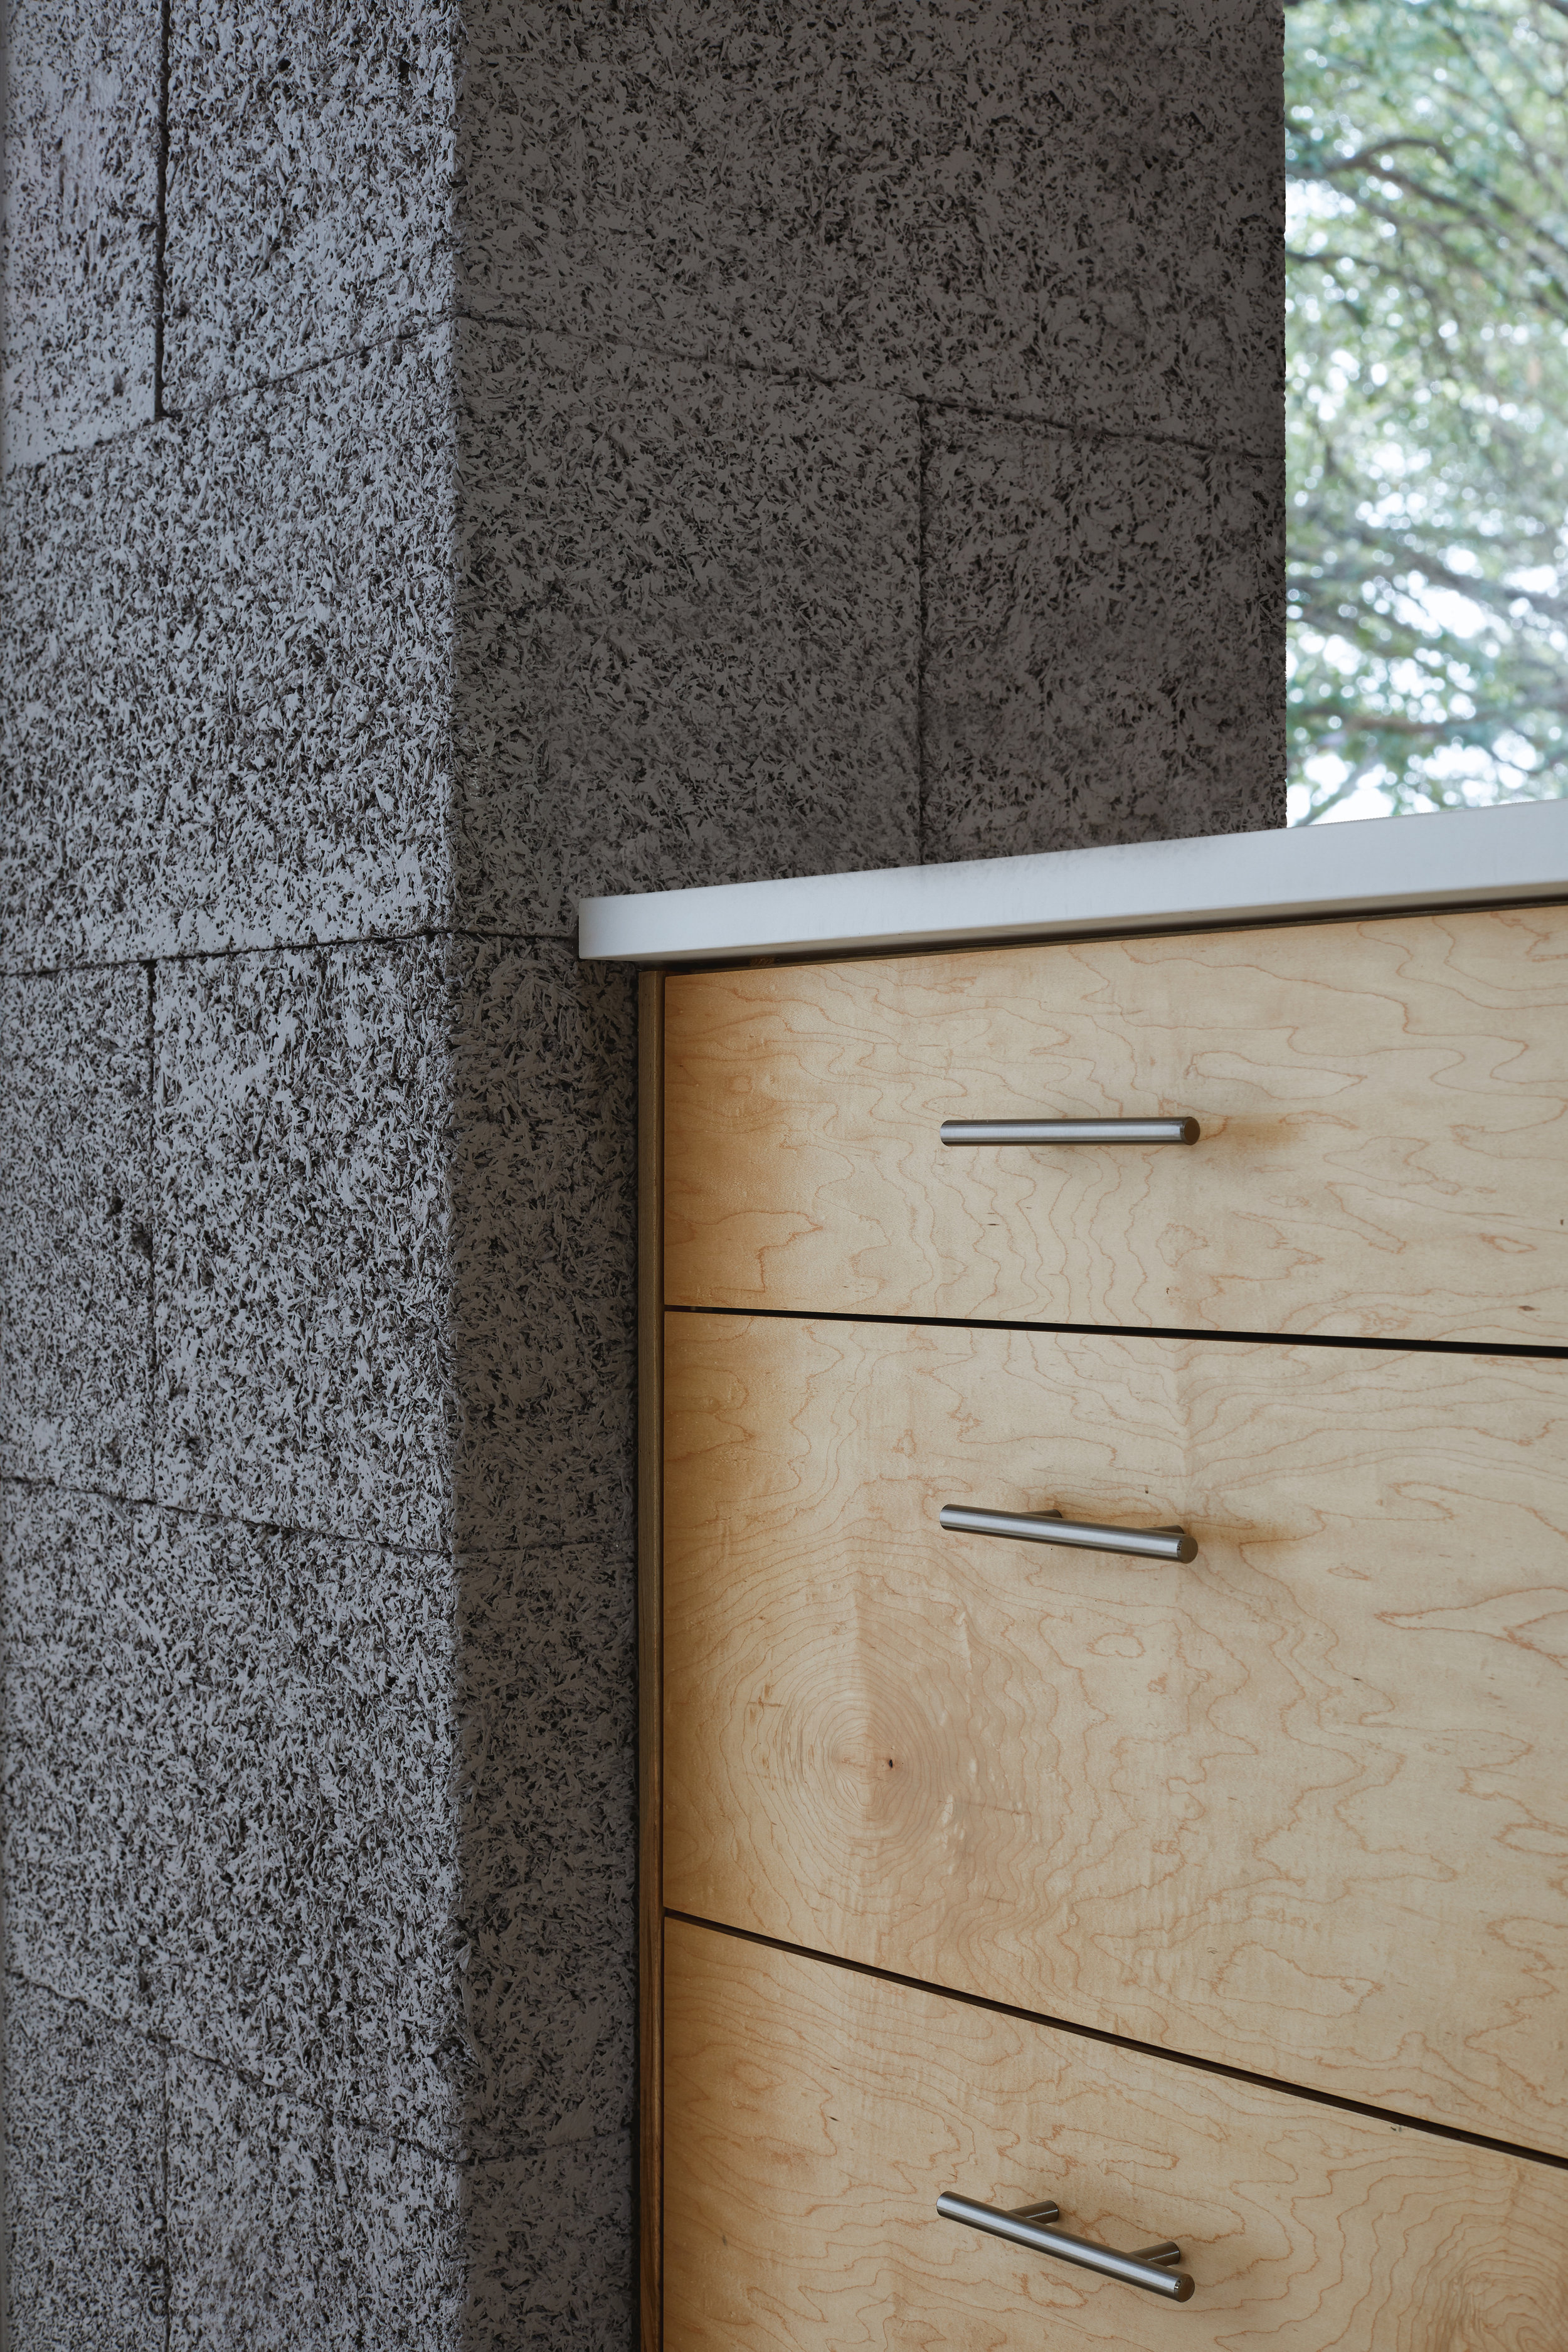 JESS_Furmansky_DTL_Cabinet Detail.jpg